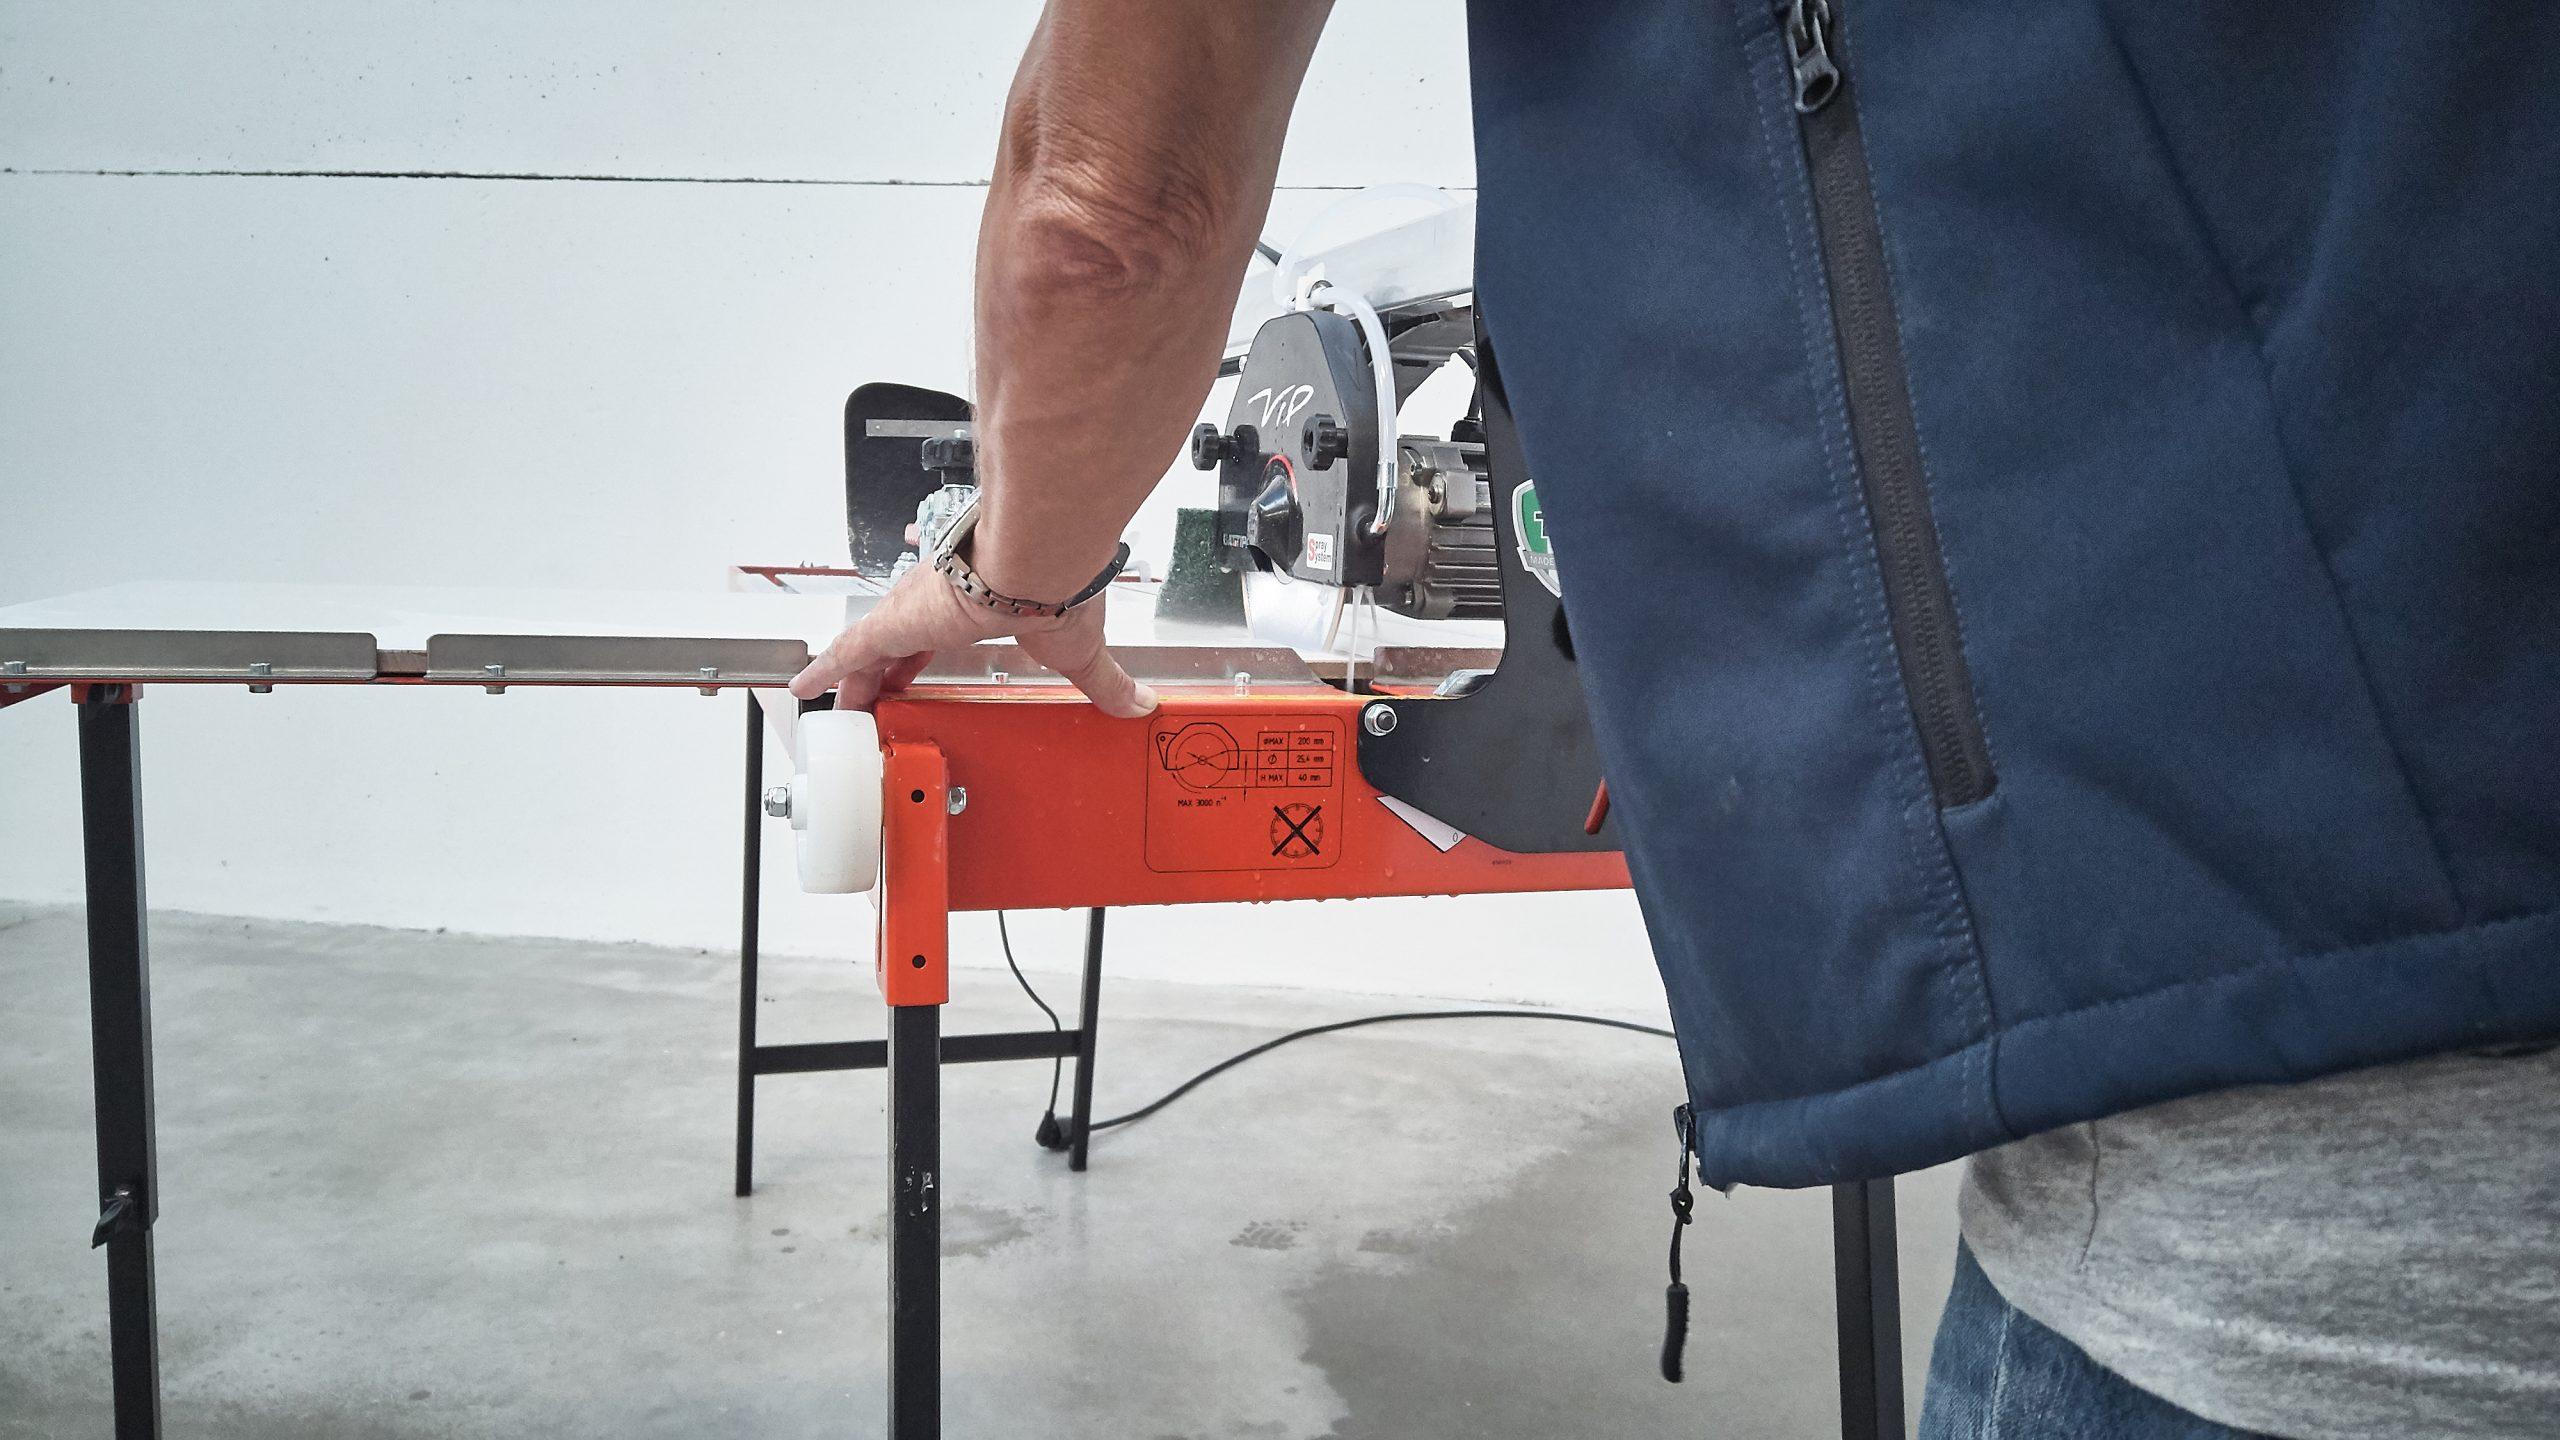 VIP 2125: Radial tile saws